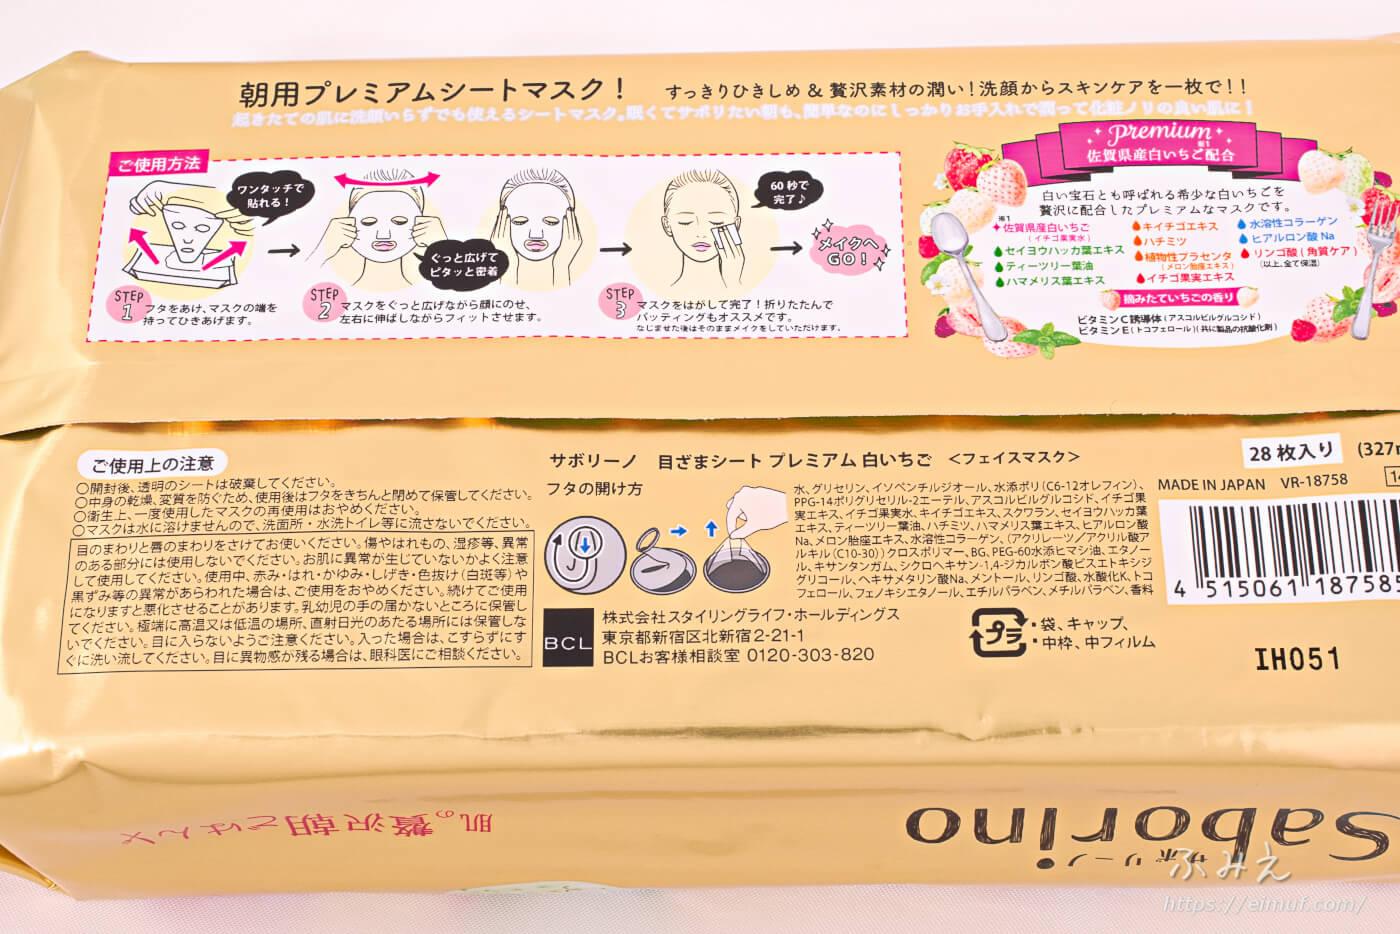 サボリーノ 目ざまシート プレミアム リッチなミルク保湿タイプ(白いちごの香り) パッケージ底面